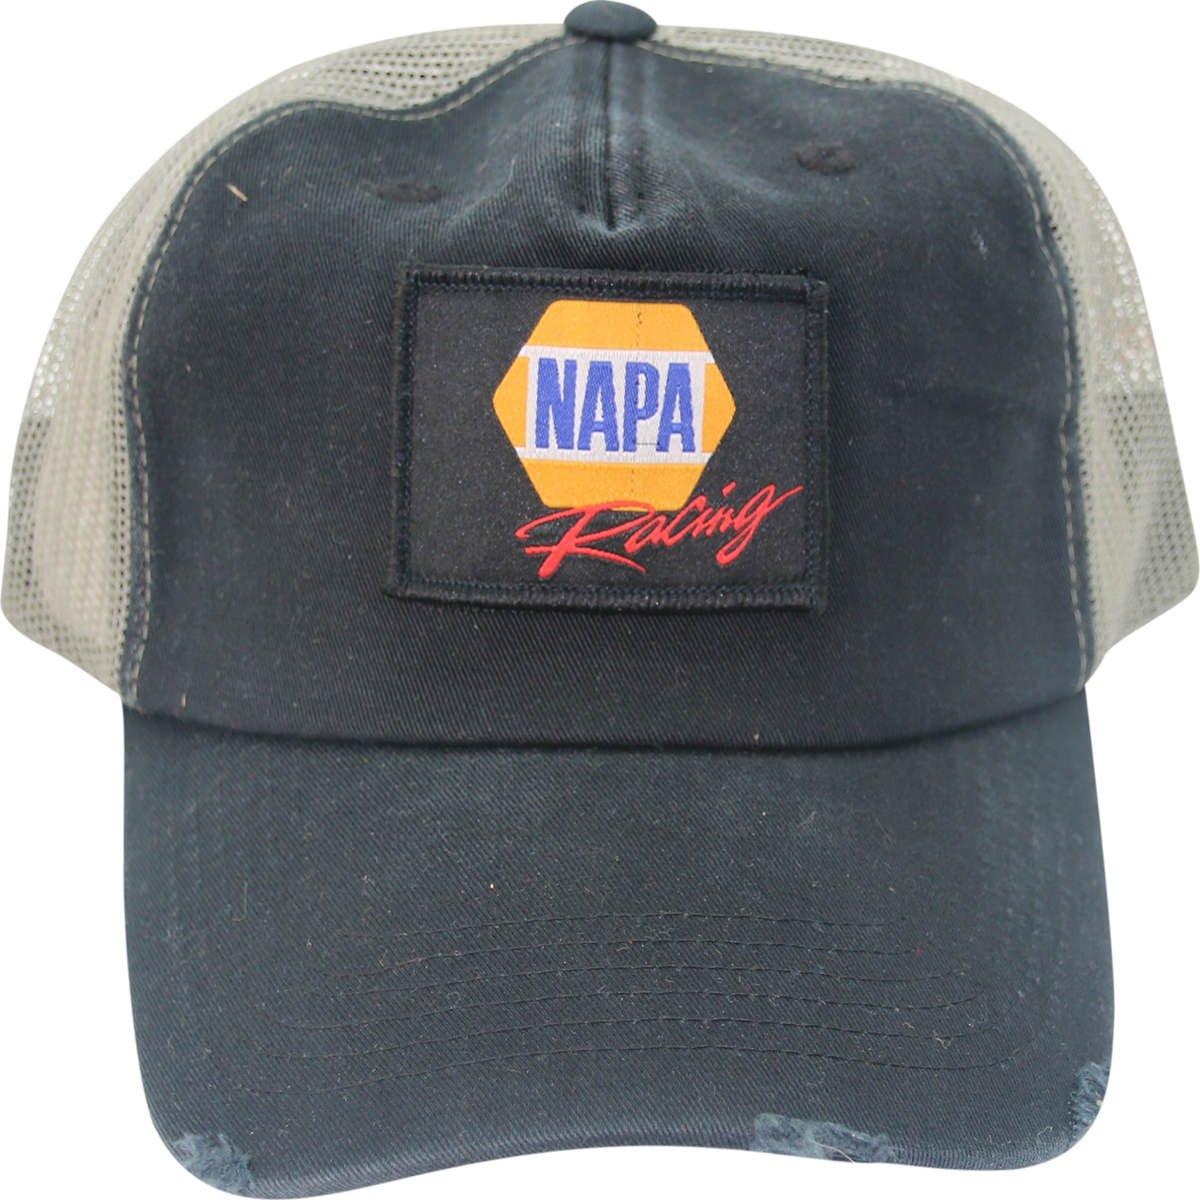 Michael de Carreras NAPA Waltrip # 15 Vintage Ripped estilo ...